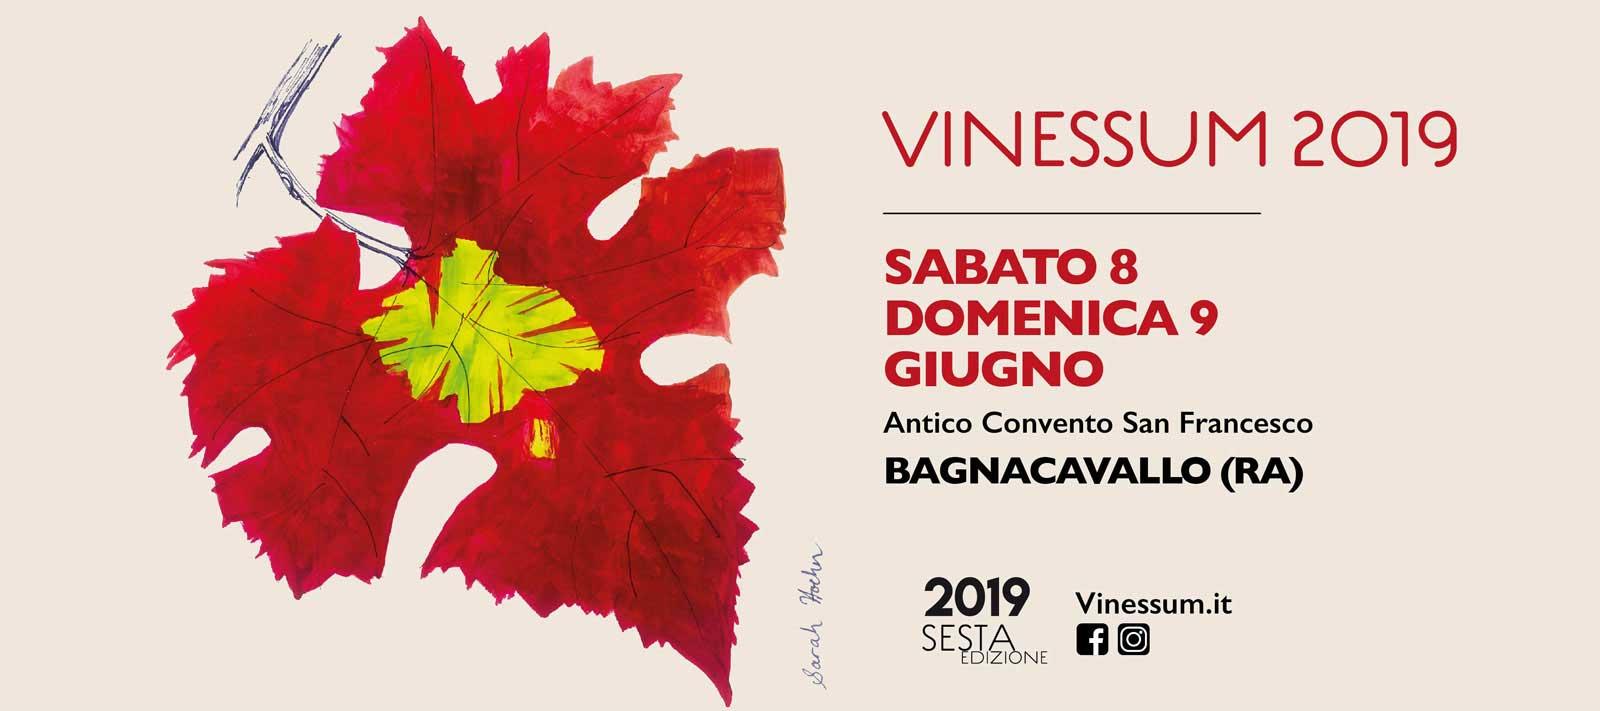 Vinessum 2019 a Bagnacavallo